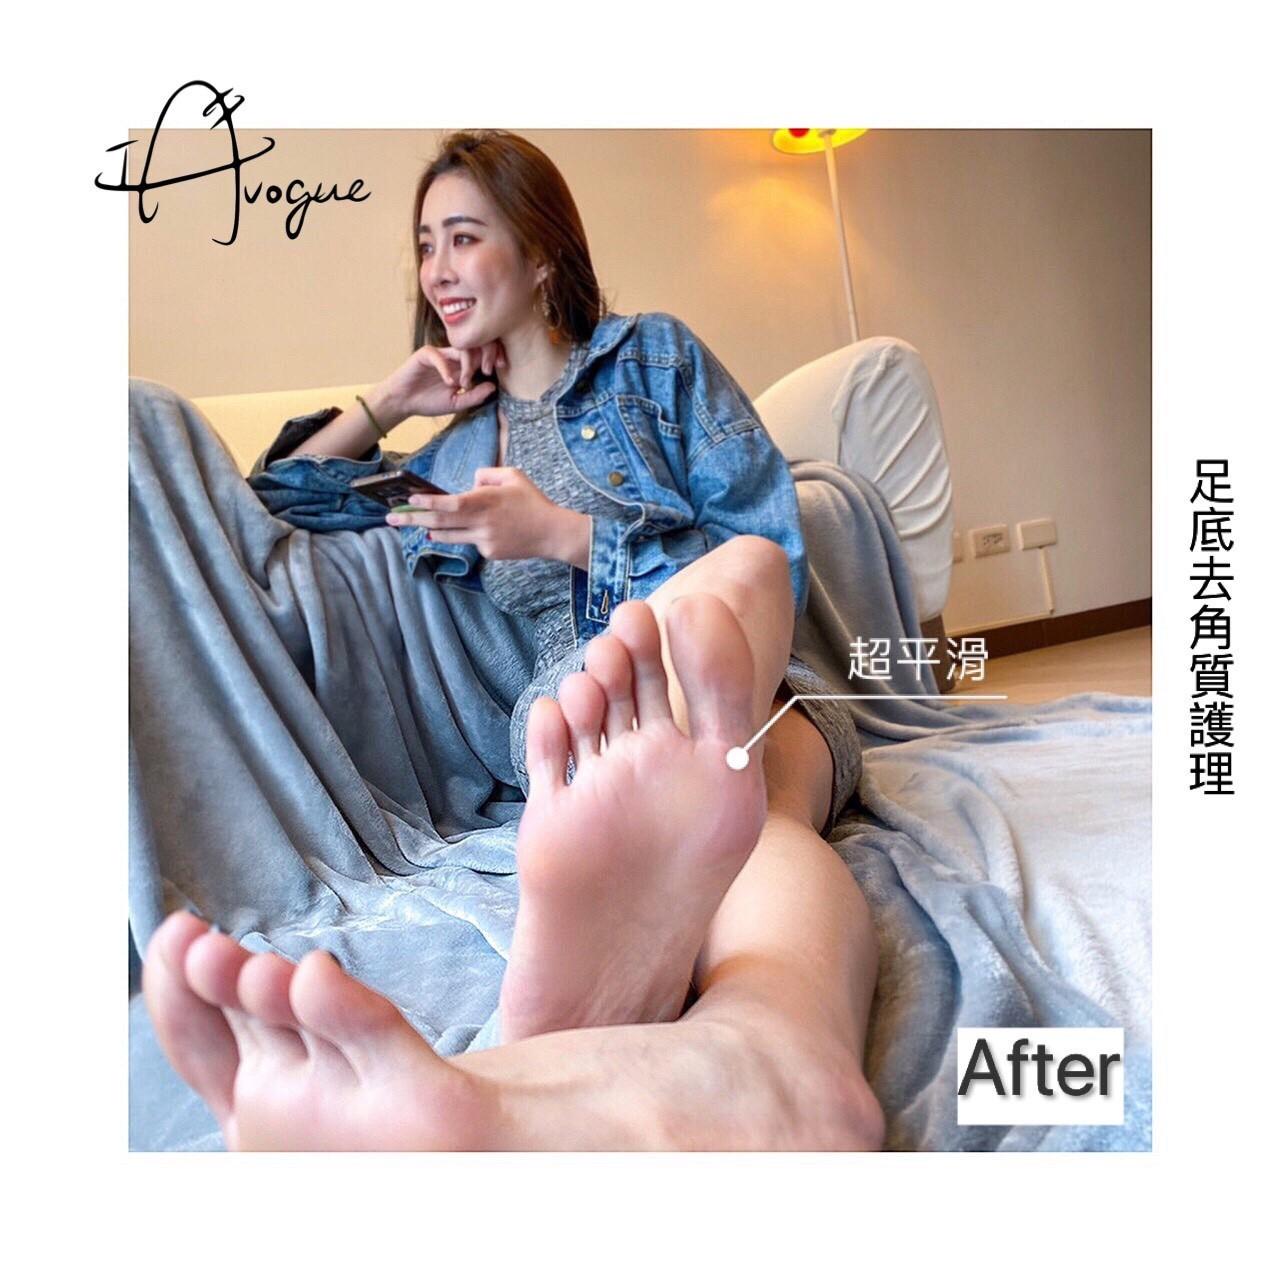 足底去角質護理後,腳底光滑如同嬰兒肌嫩白透亮-台北IA專業美睫設計